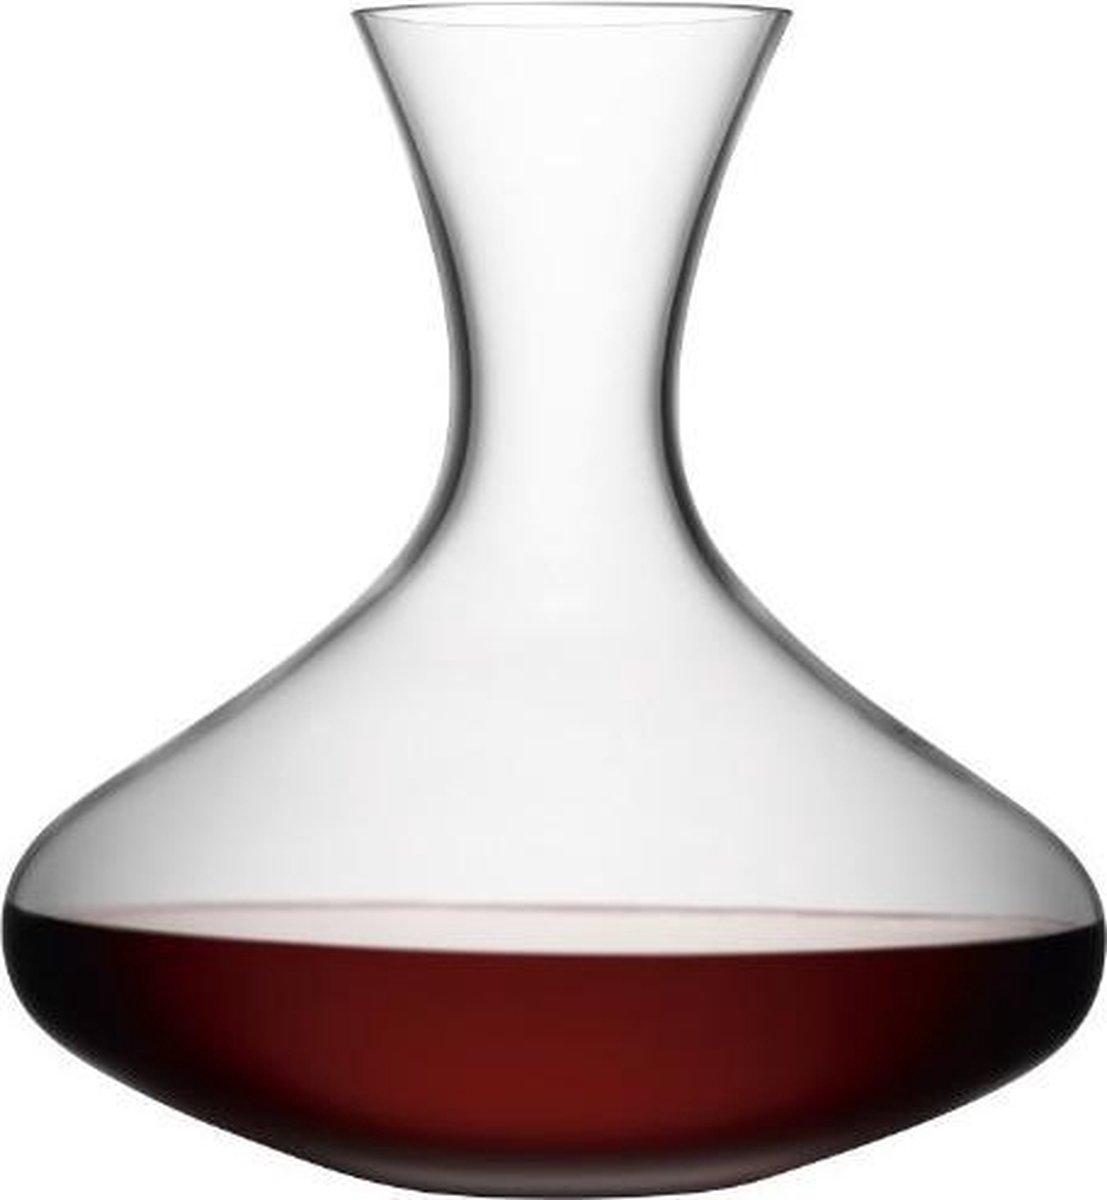 L.S.A. Wine Decanteer Karaf Glas - 2,4 liter